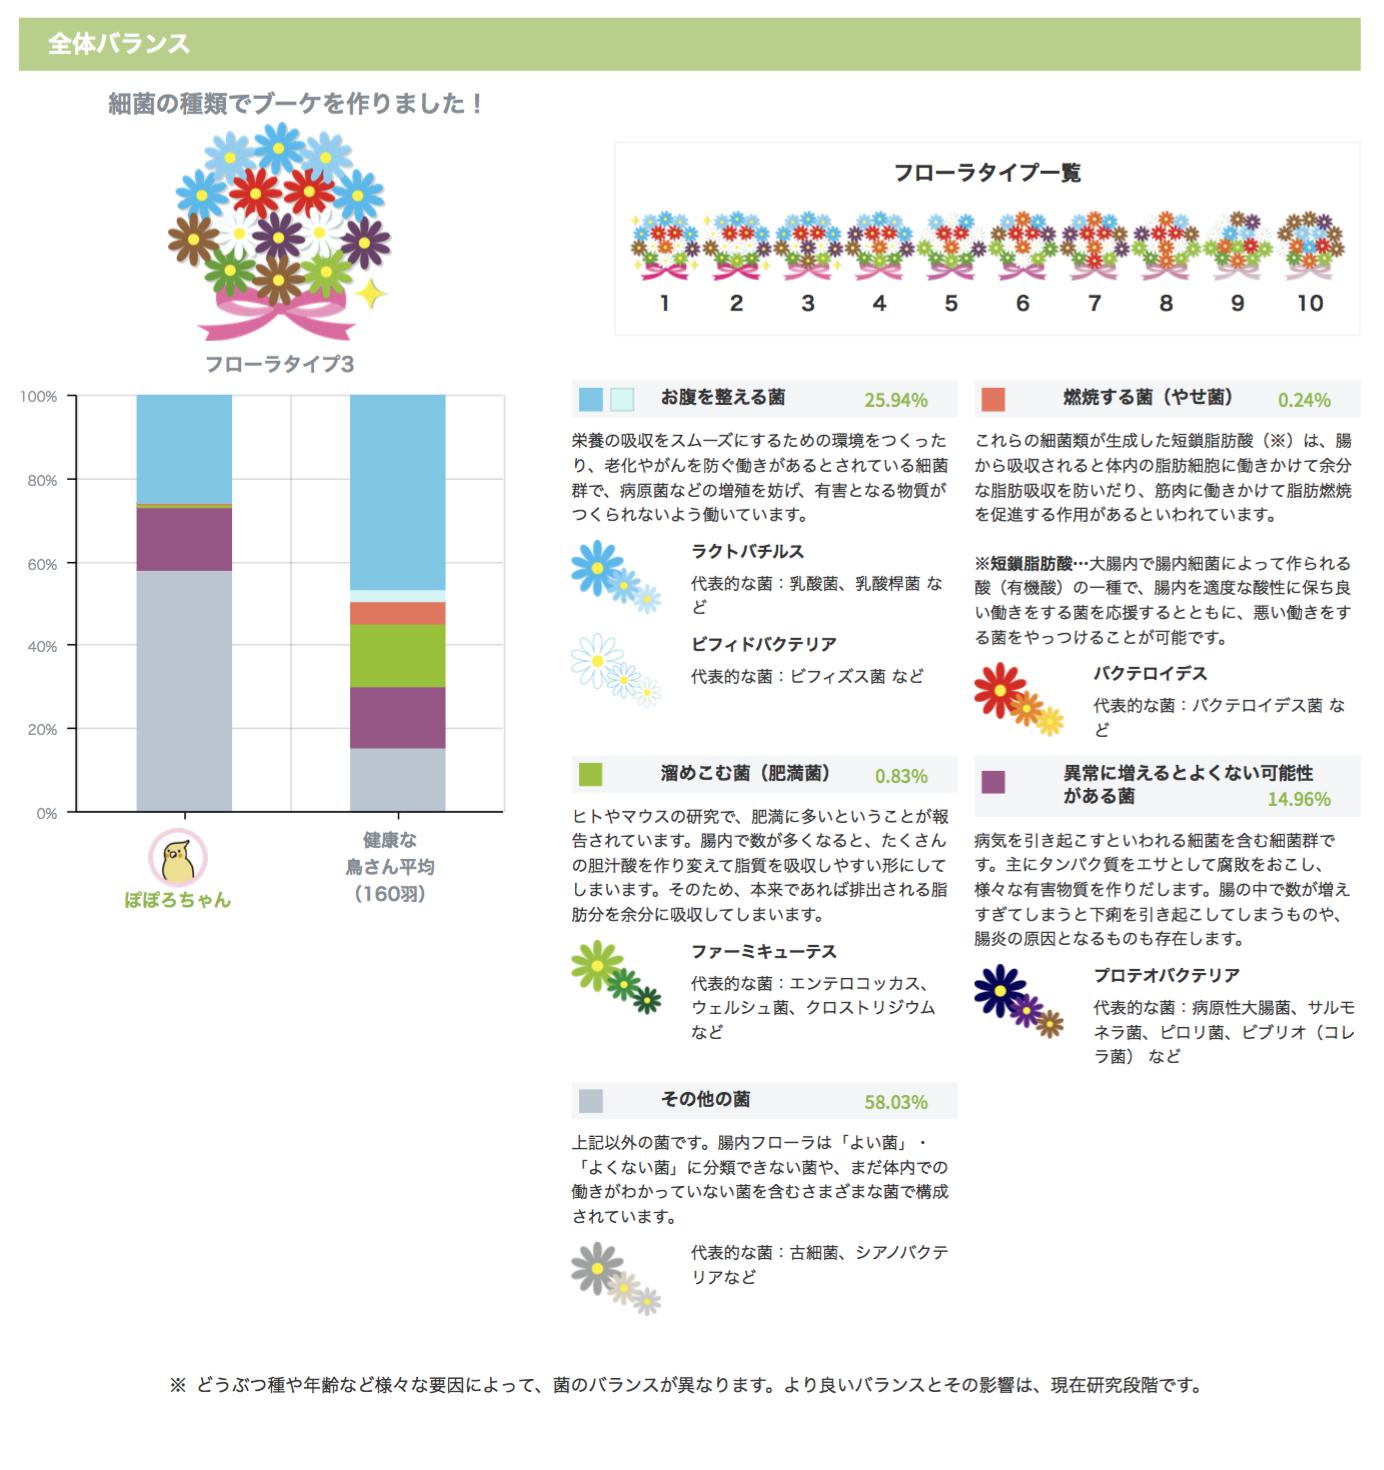 2017ぽぽろフローラ1